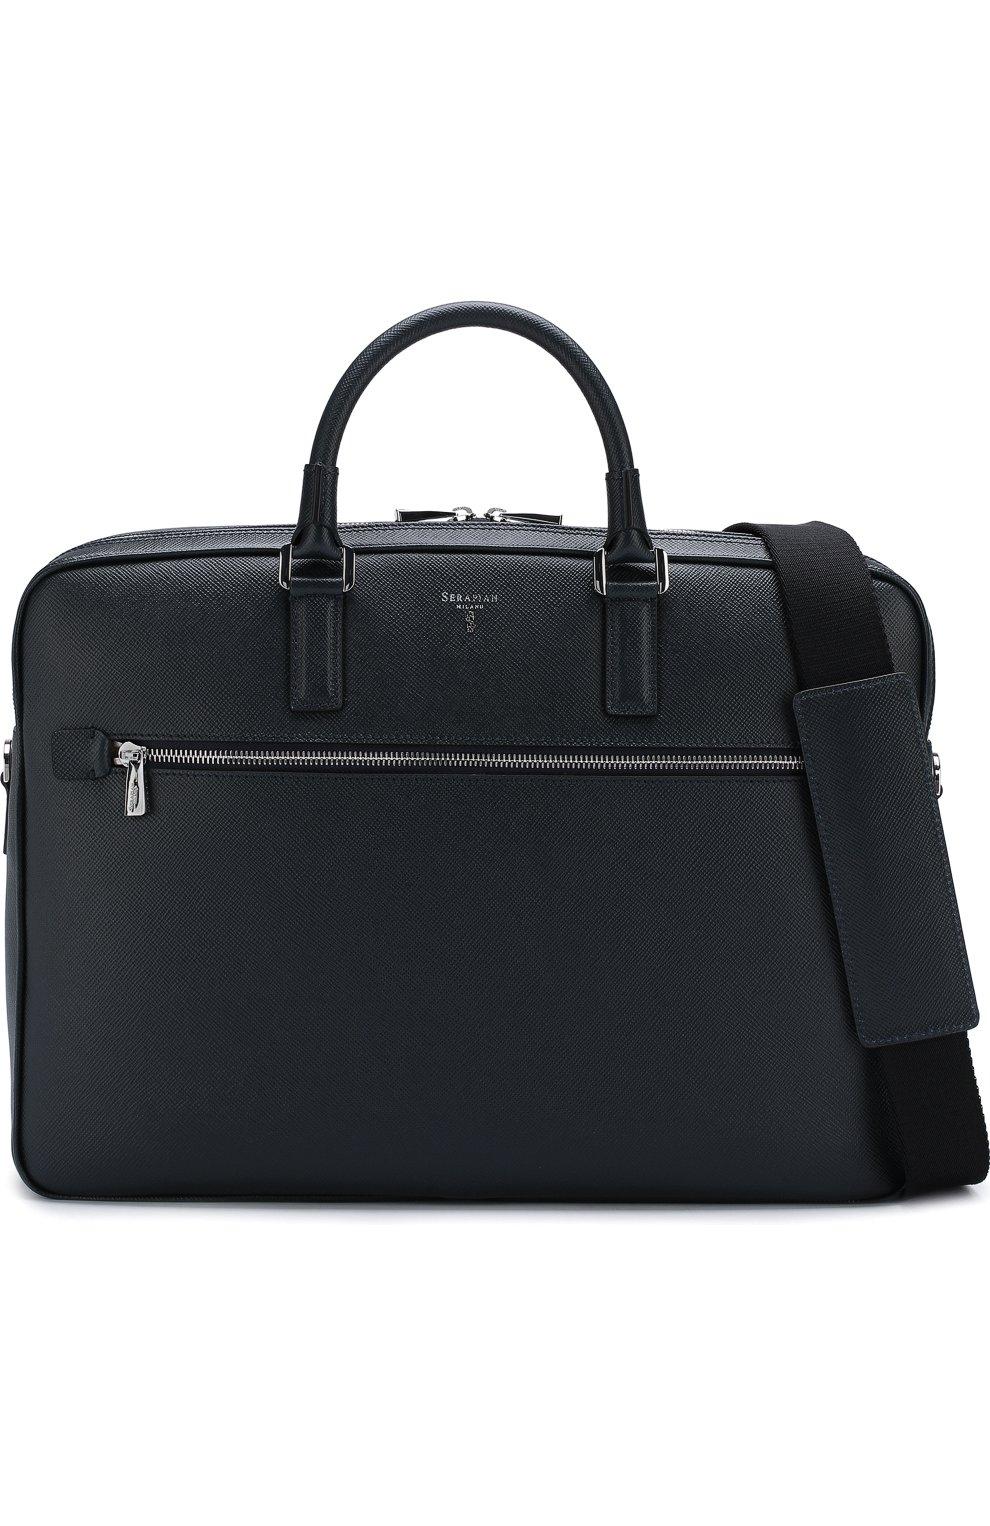 Кожаная сумка для ноутбука Evoluzione с плечевым ремнем   Фото №6